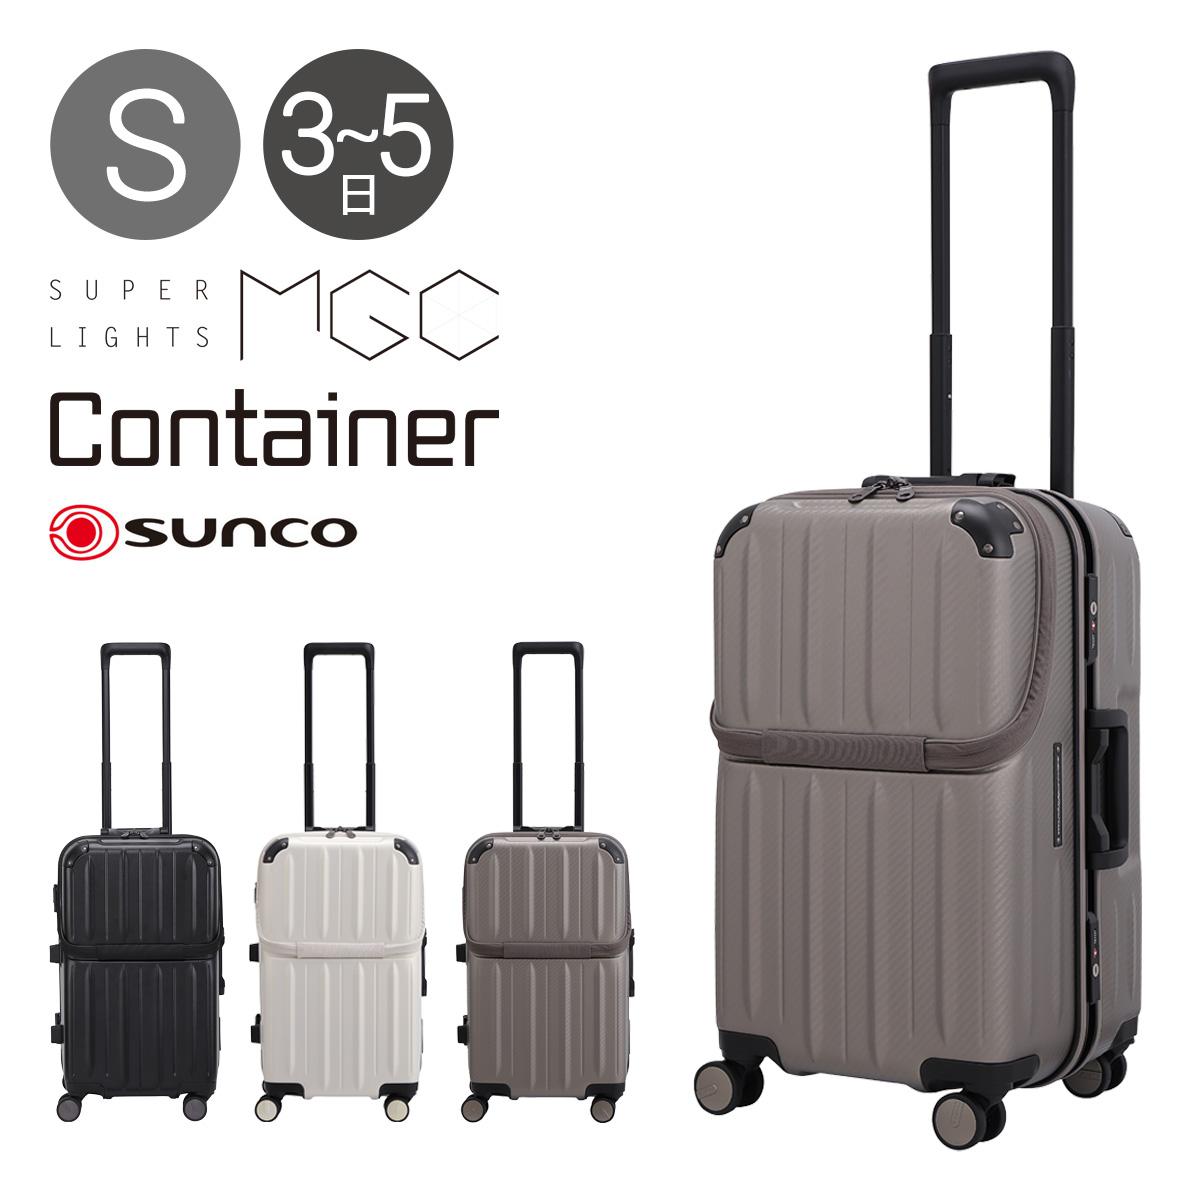 サンコー スーツケース 45L 54cm 3.7kg MGコンテナ MGCB-54 SUNCO MG Container|ハード フレーム キャリーバッグ キャリーケース フロントオープン TSAロック搭載 HINOMOTO[PO10][即日発送]